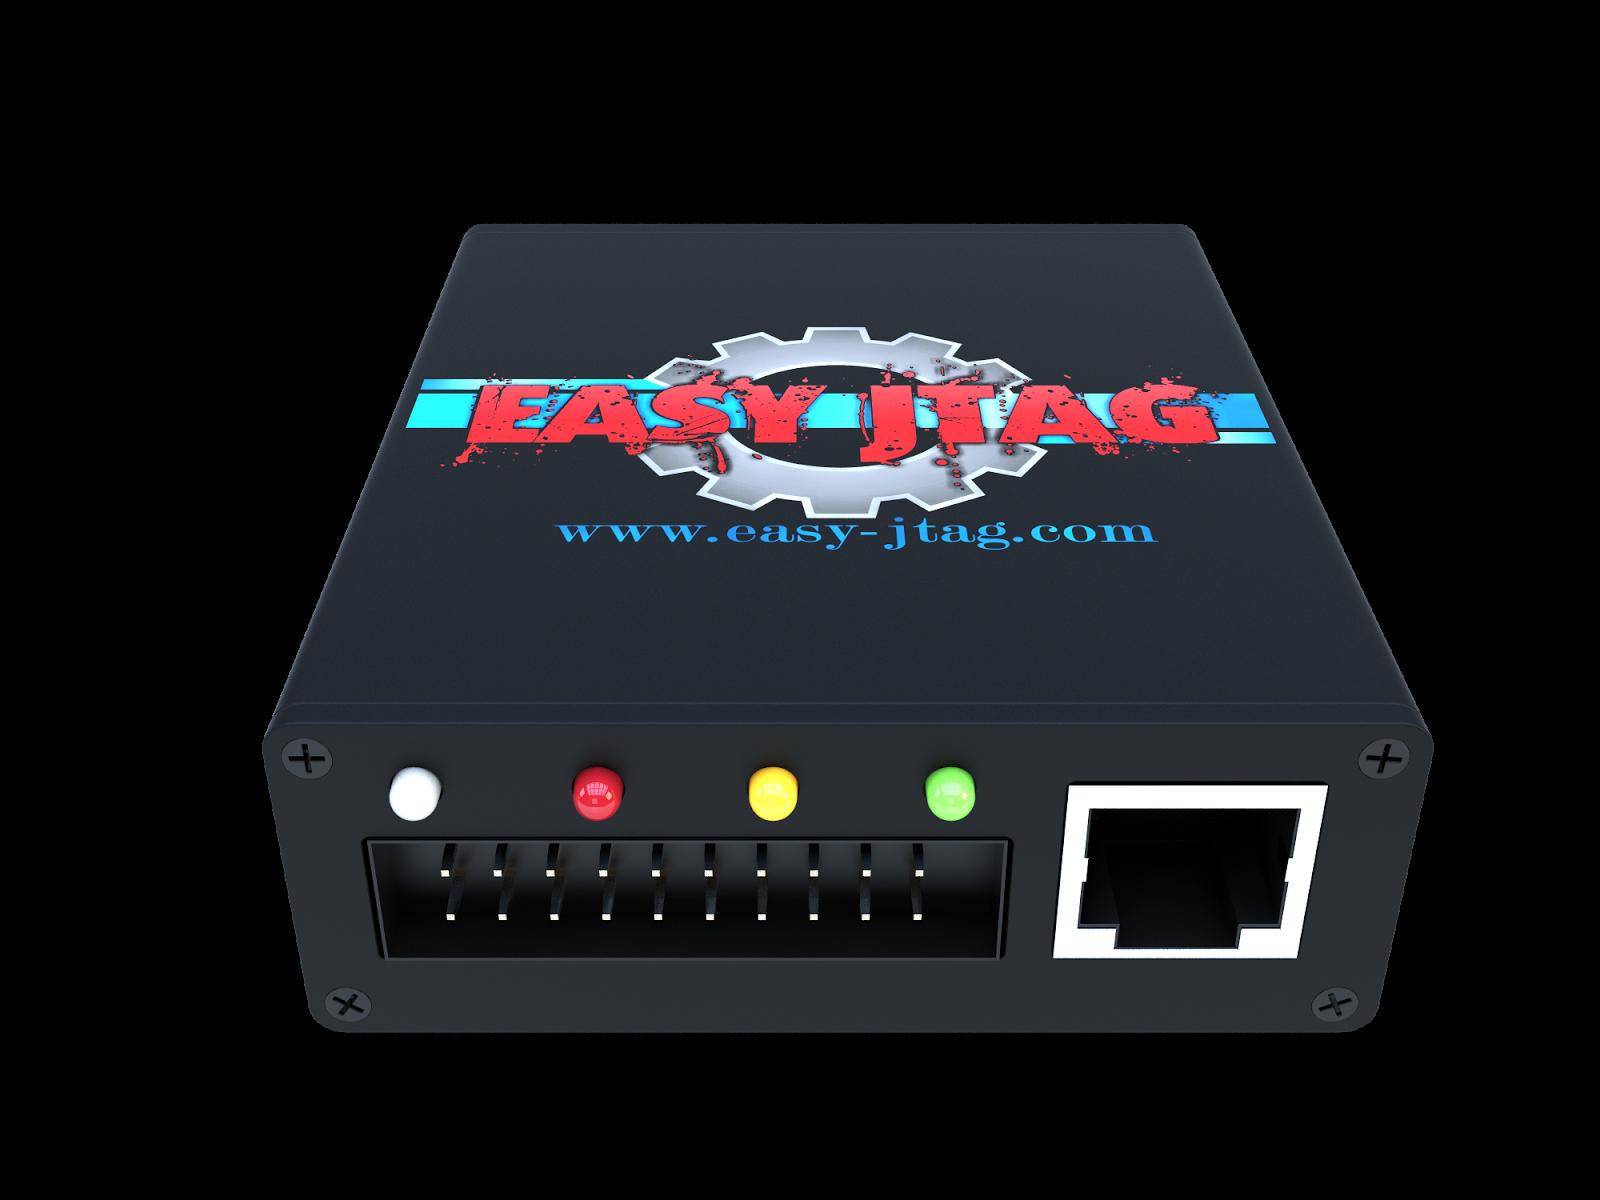 Z3x Usb Serial Port Driver Download Xp 32 Bit